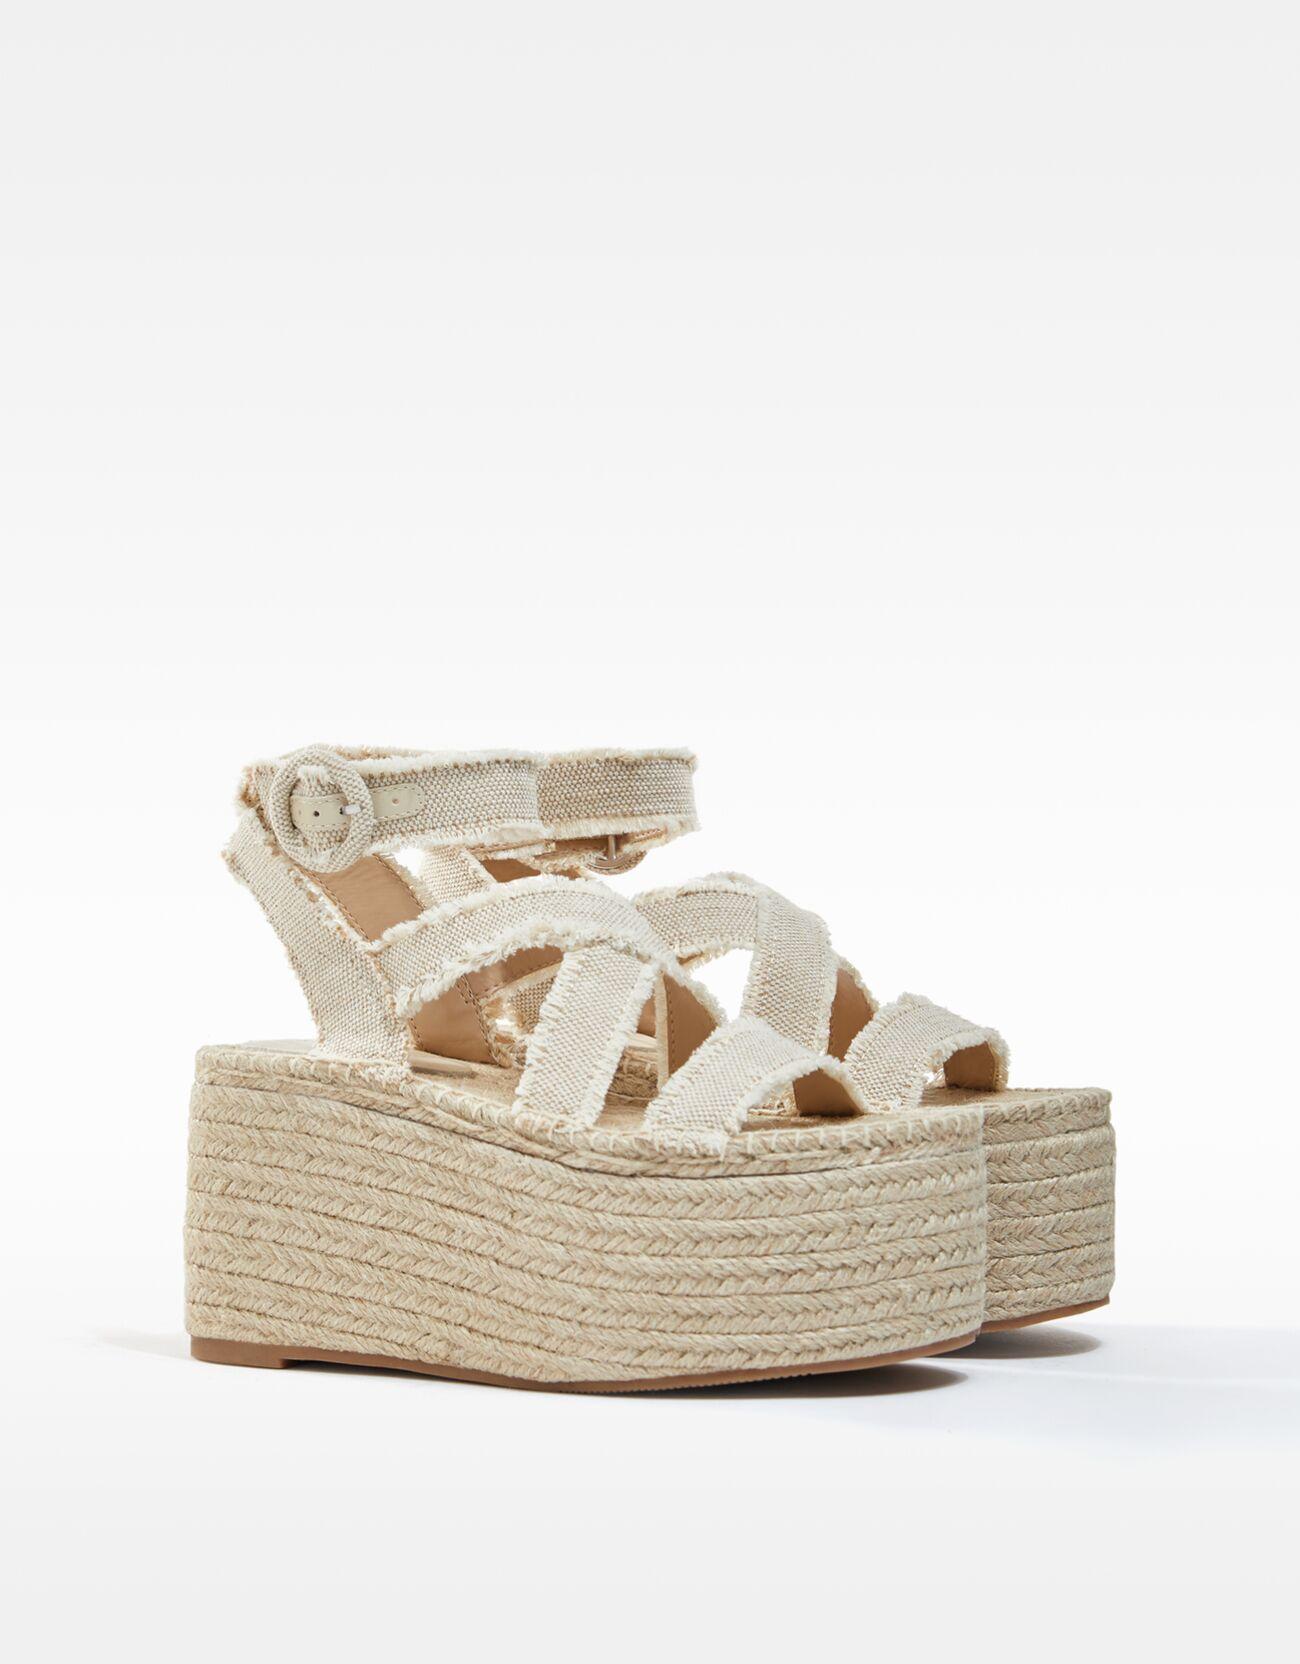 Sandalias de plataforma y yute.